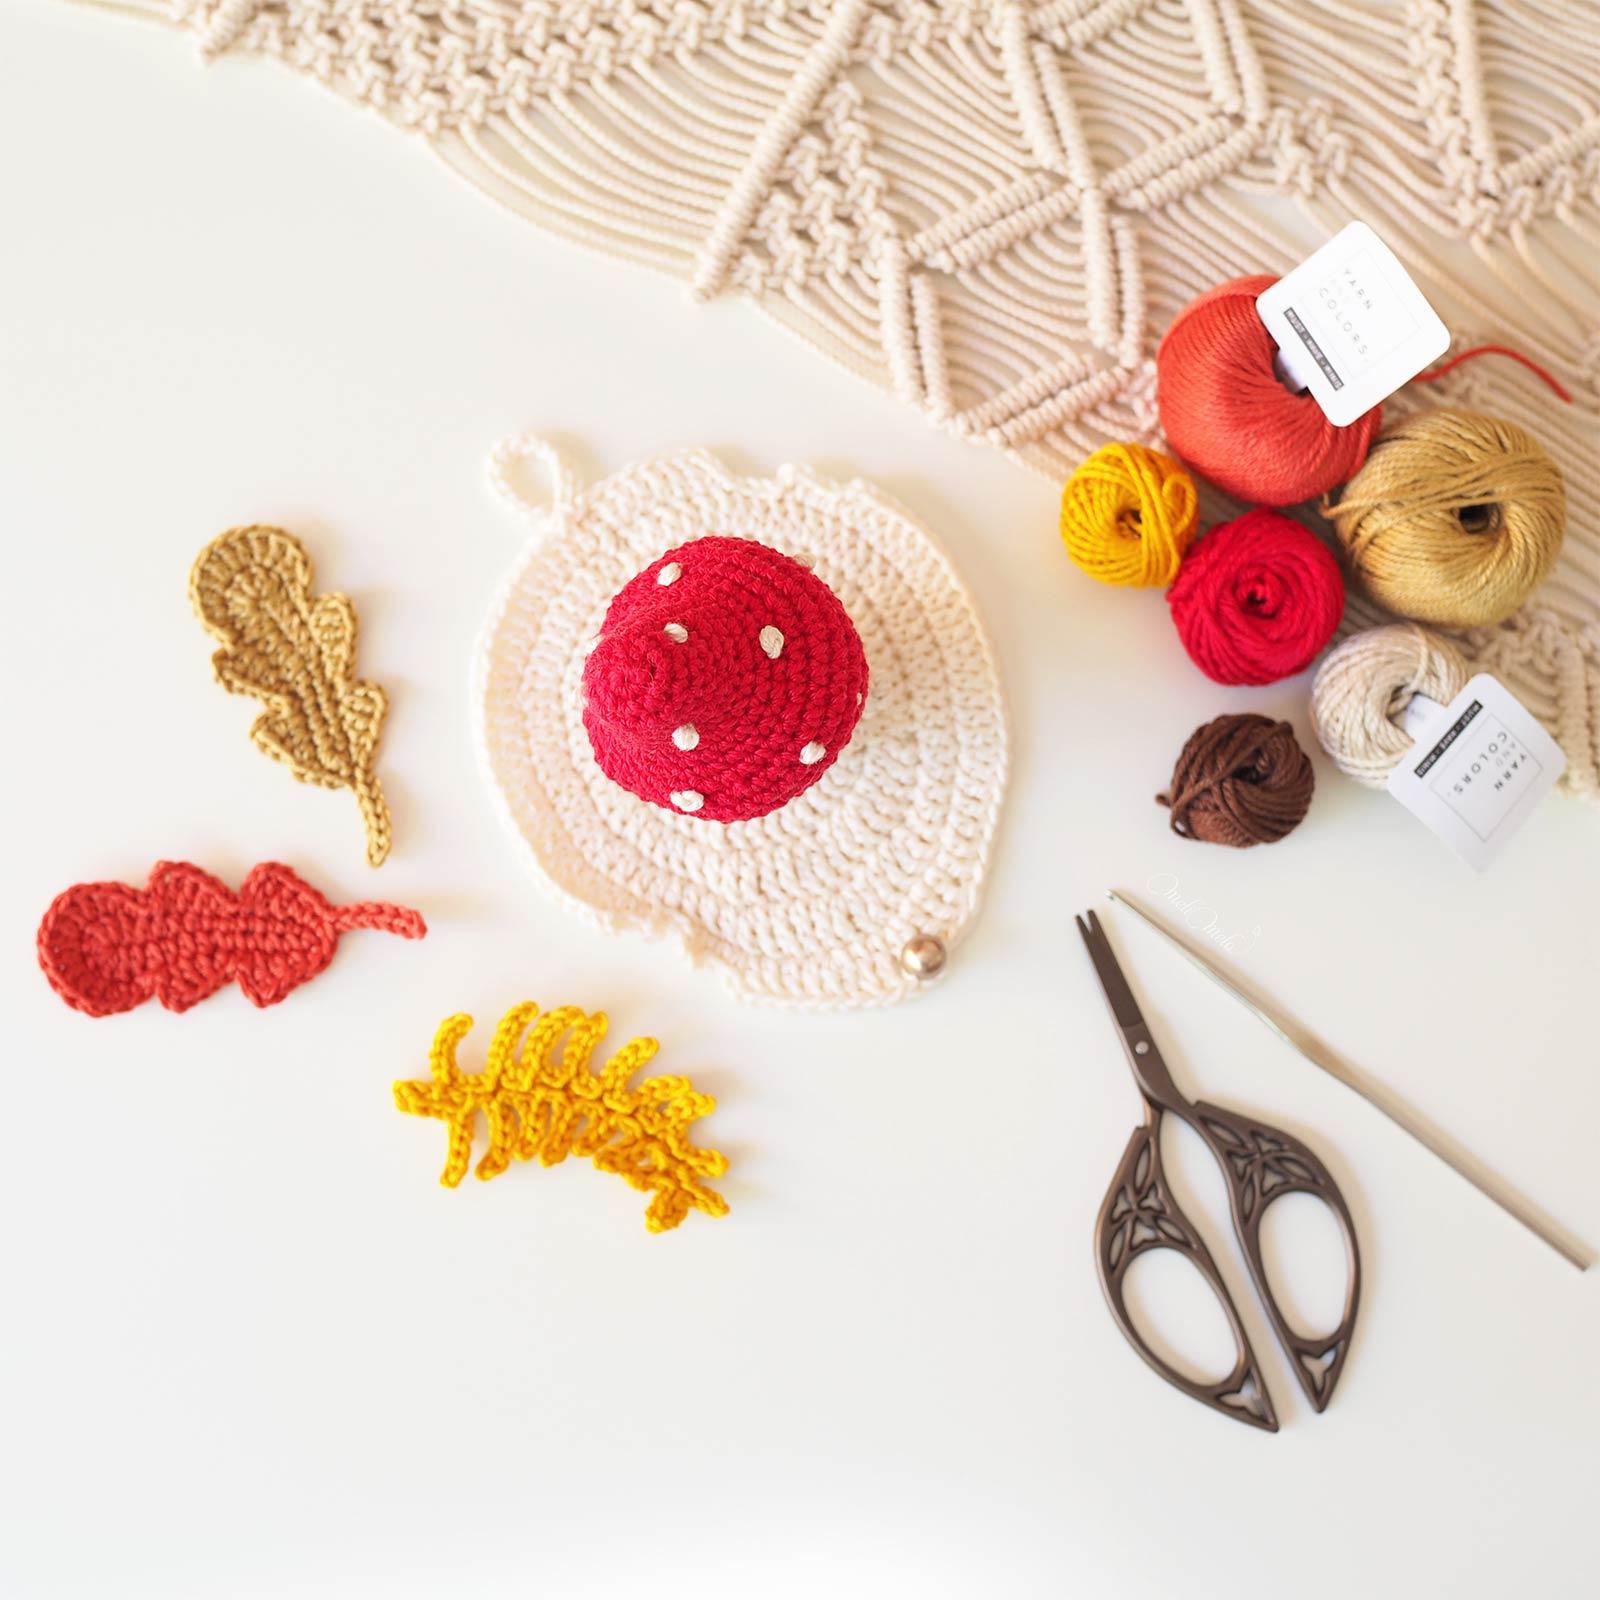 crochet-mushroom-champignon-amanite-feuilles-automne-coton-yarnandcolors-laboutiquedemelimelo